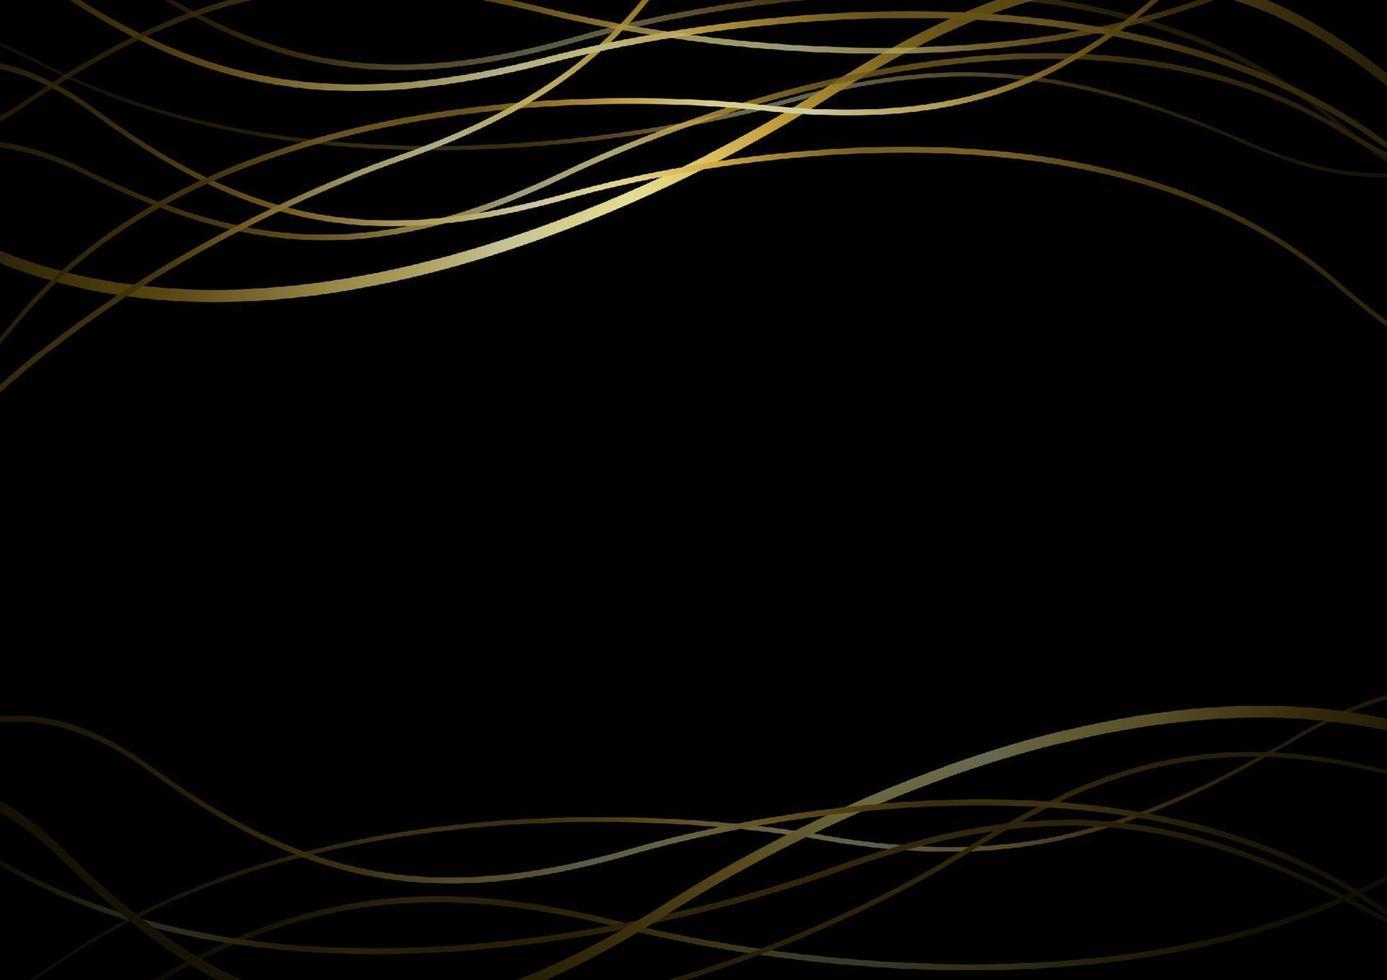 banner de linha de ouro abstrato em ilustração vetorial de fundo preto vetor